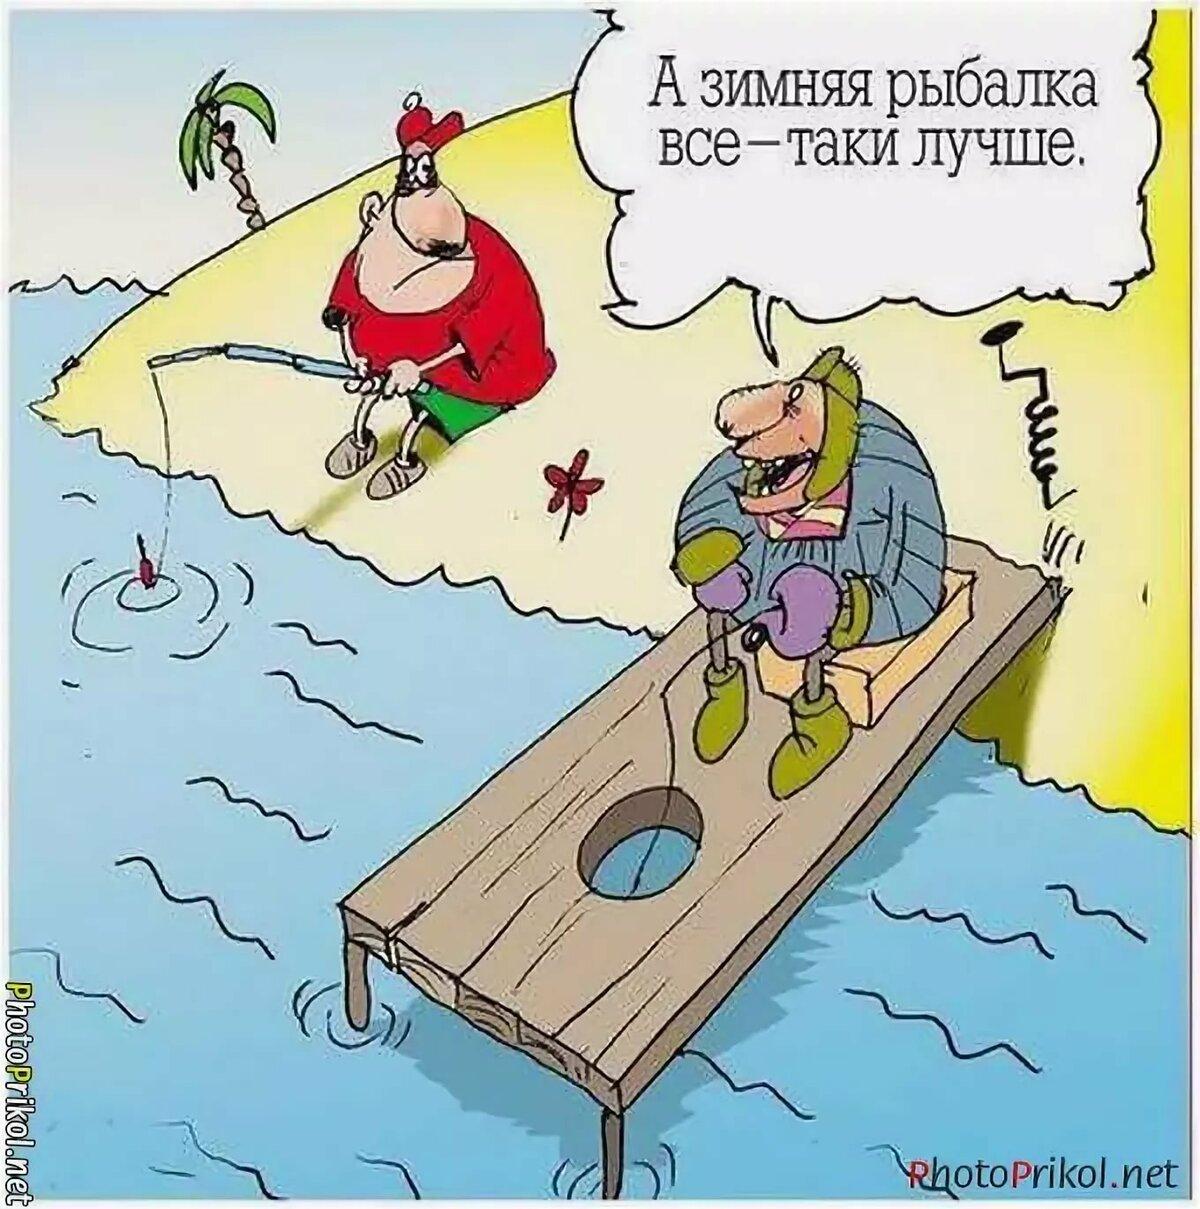 Рисунки приколы про рыбалку, таня